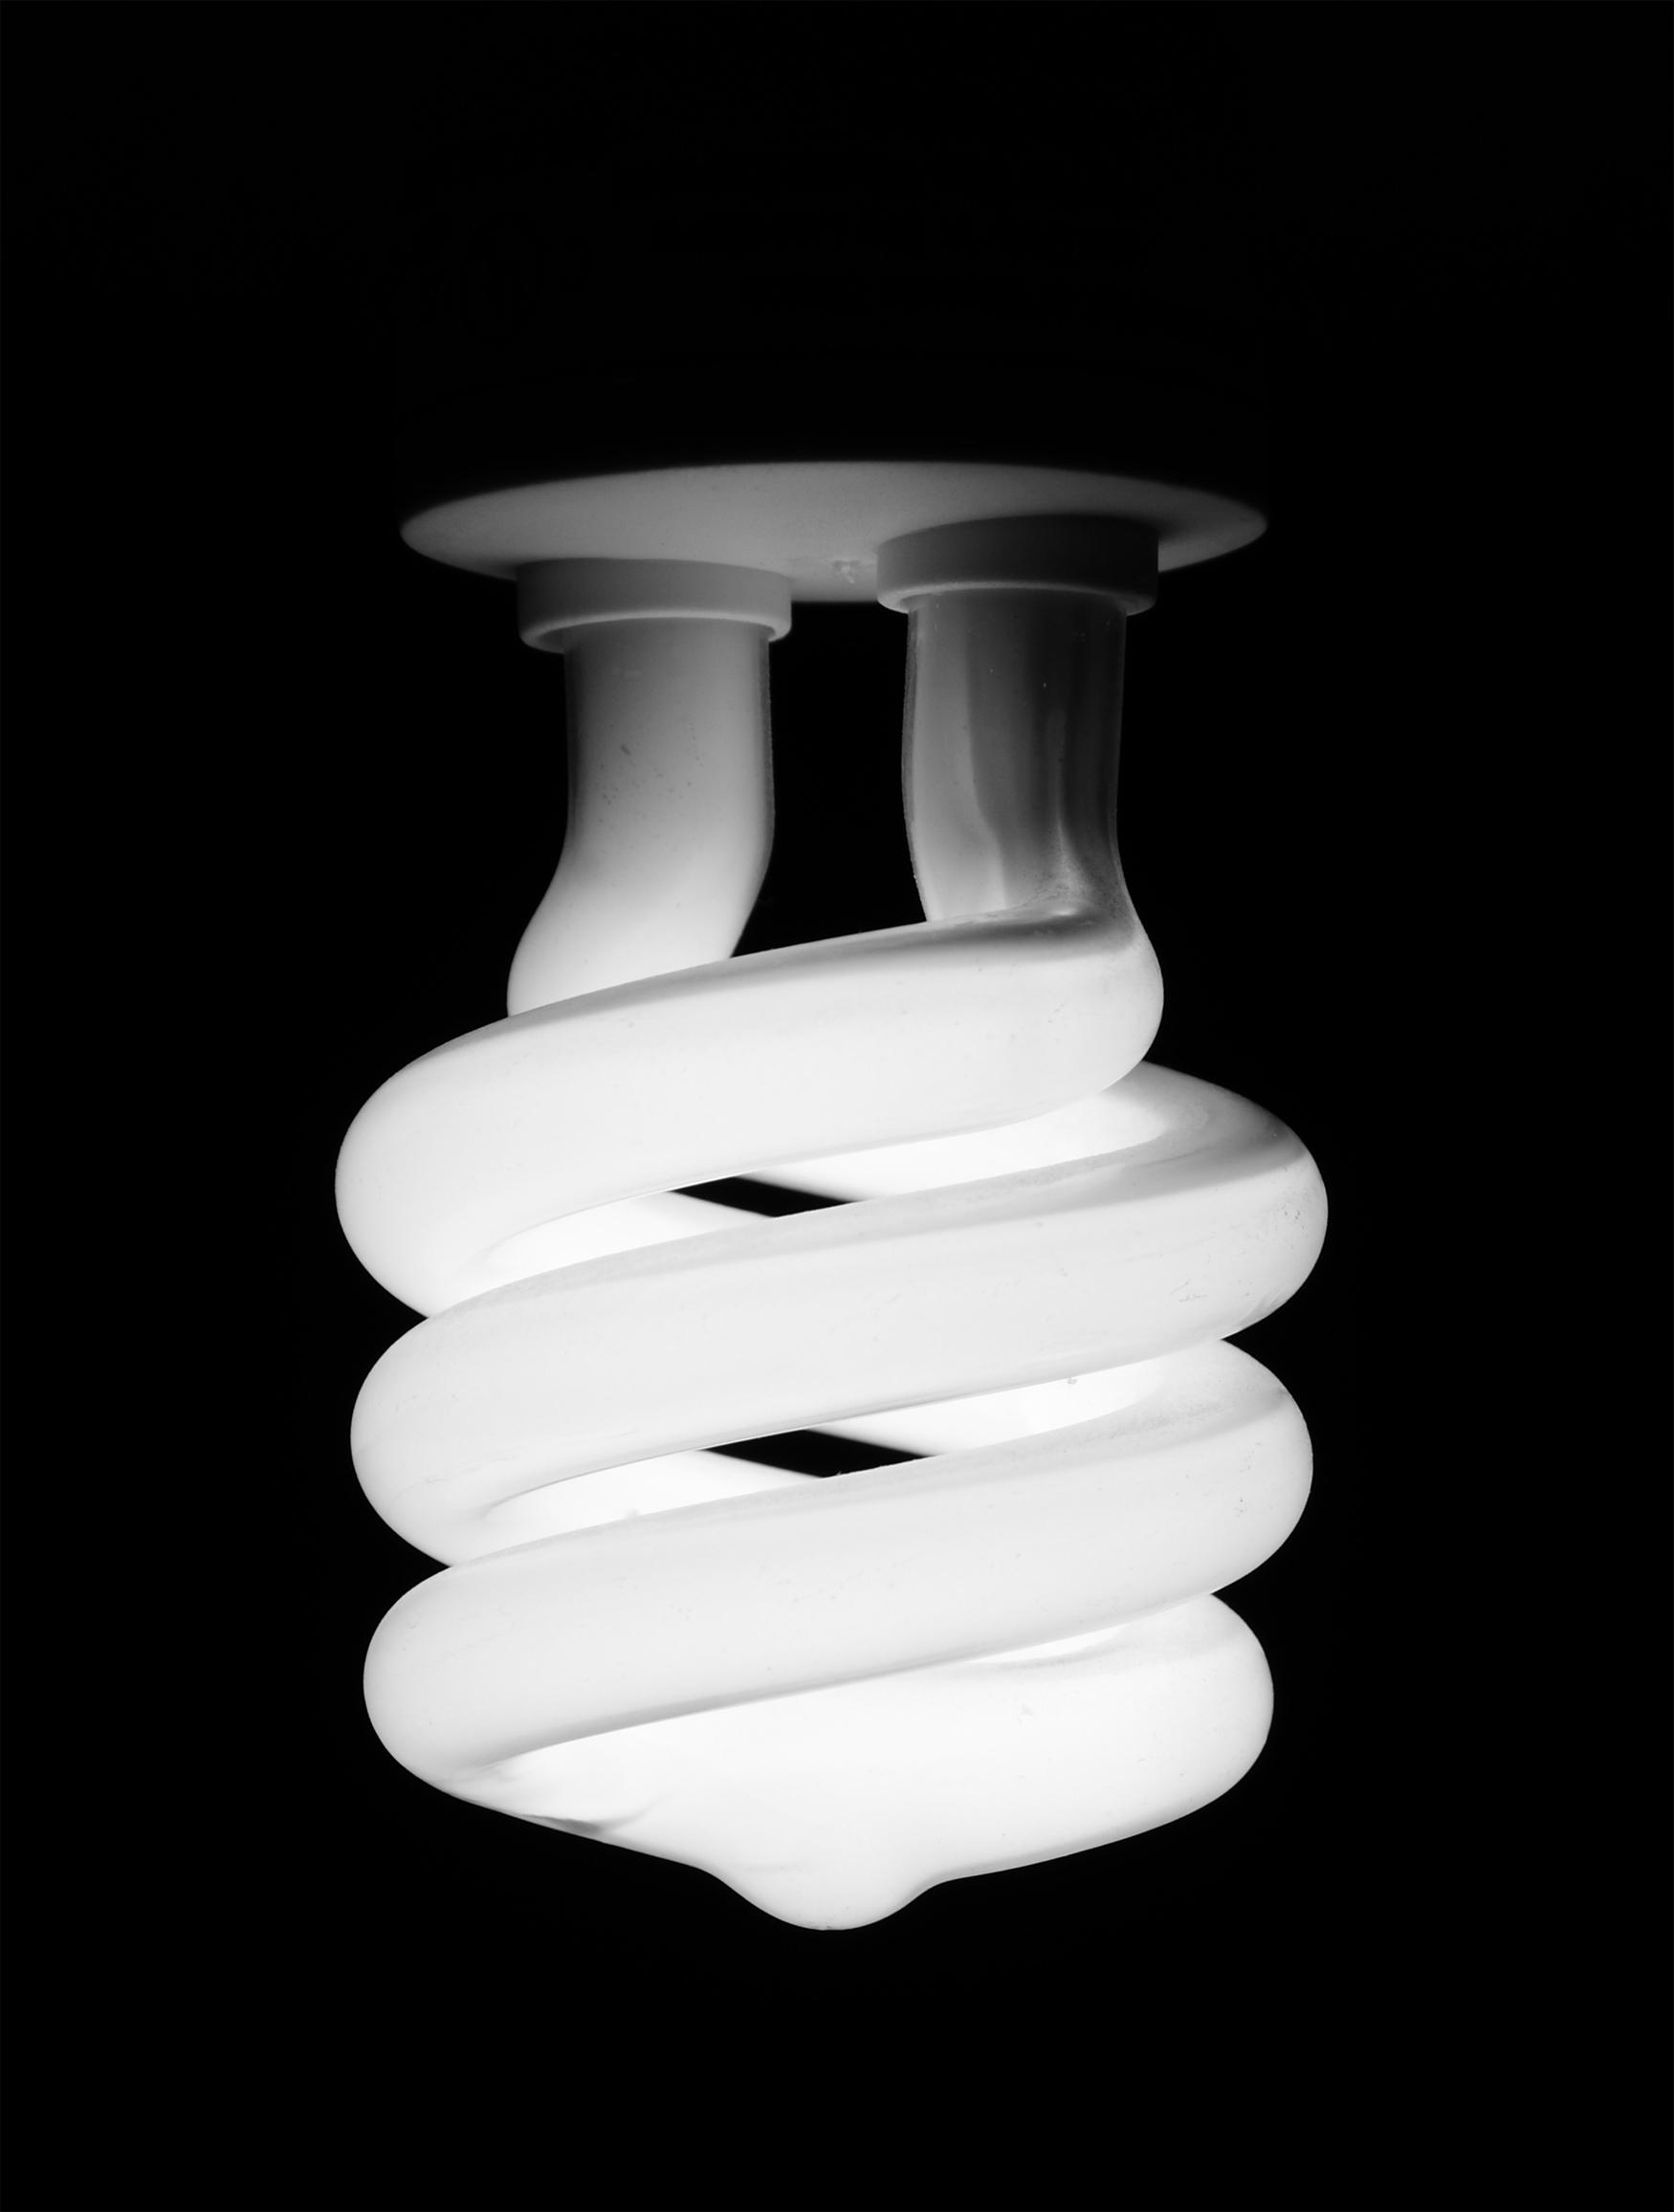 Lâmpada fluorescente - dicas, economia, durabilidade, passo a passo